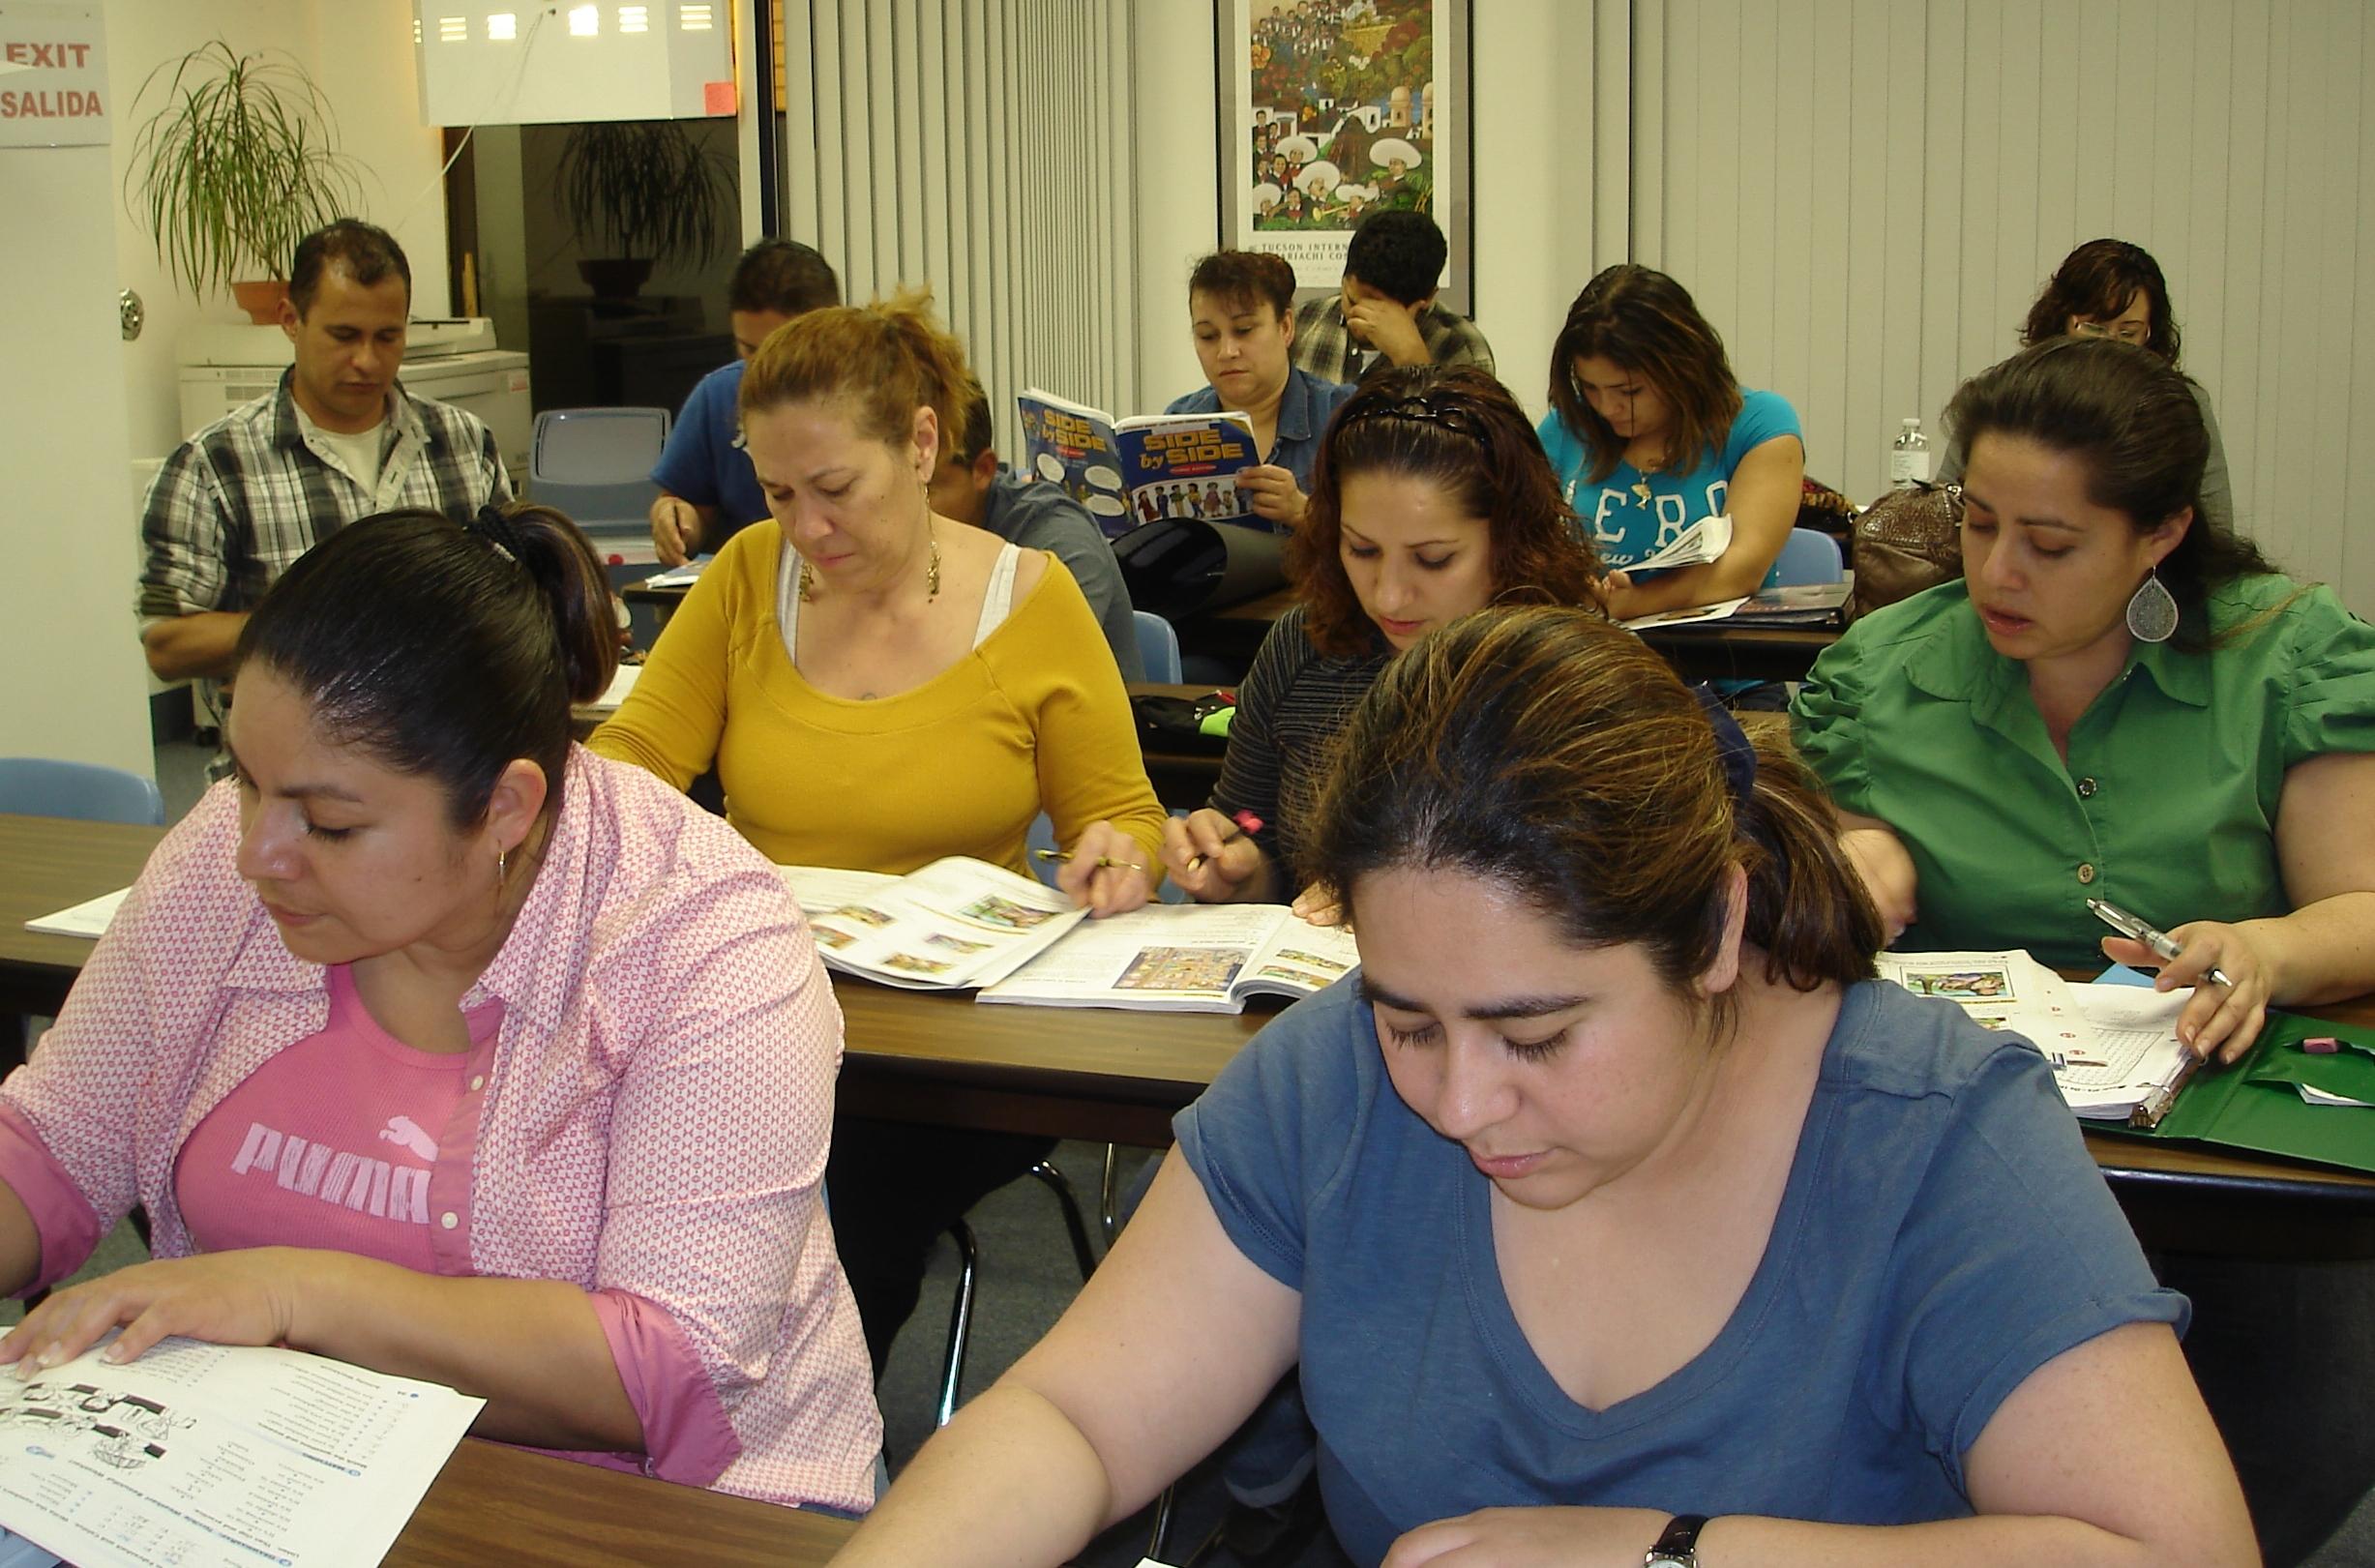 Academia SER ocho años enseñando inglés en Manassas